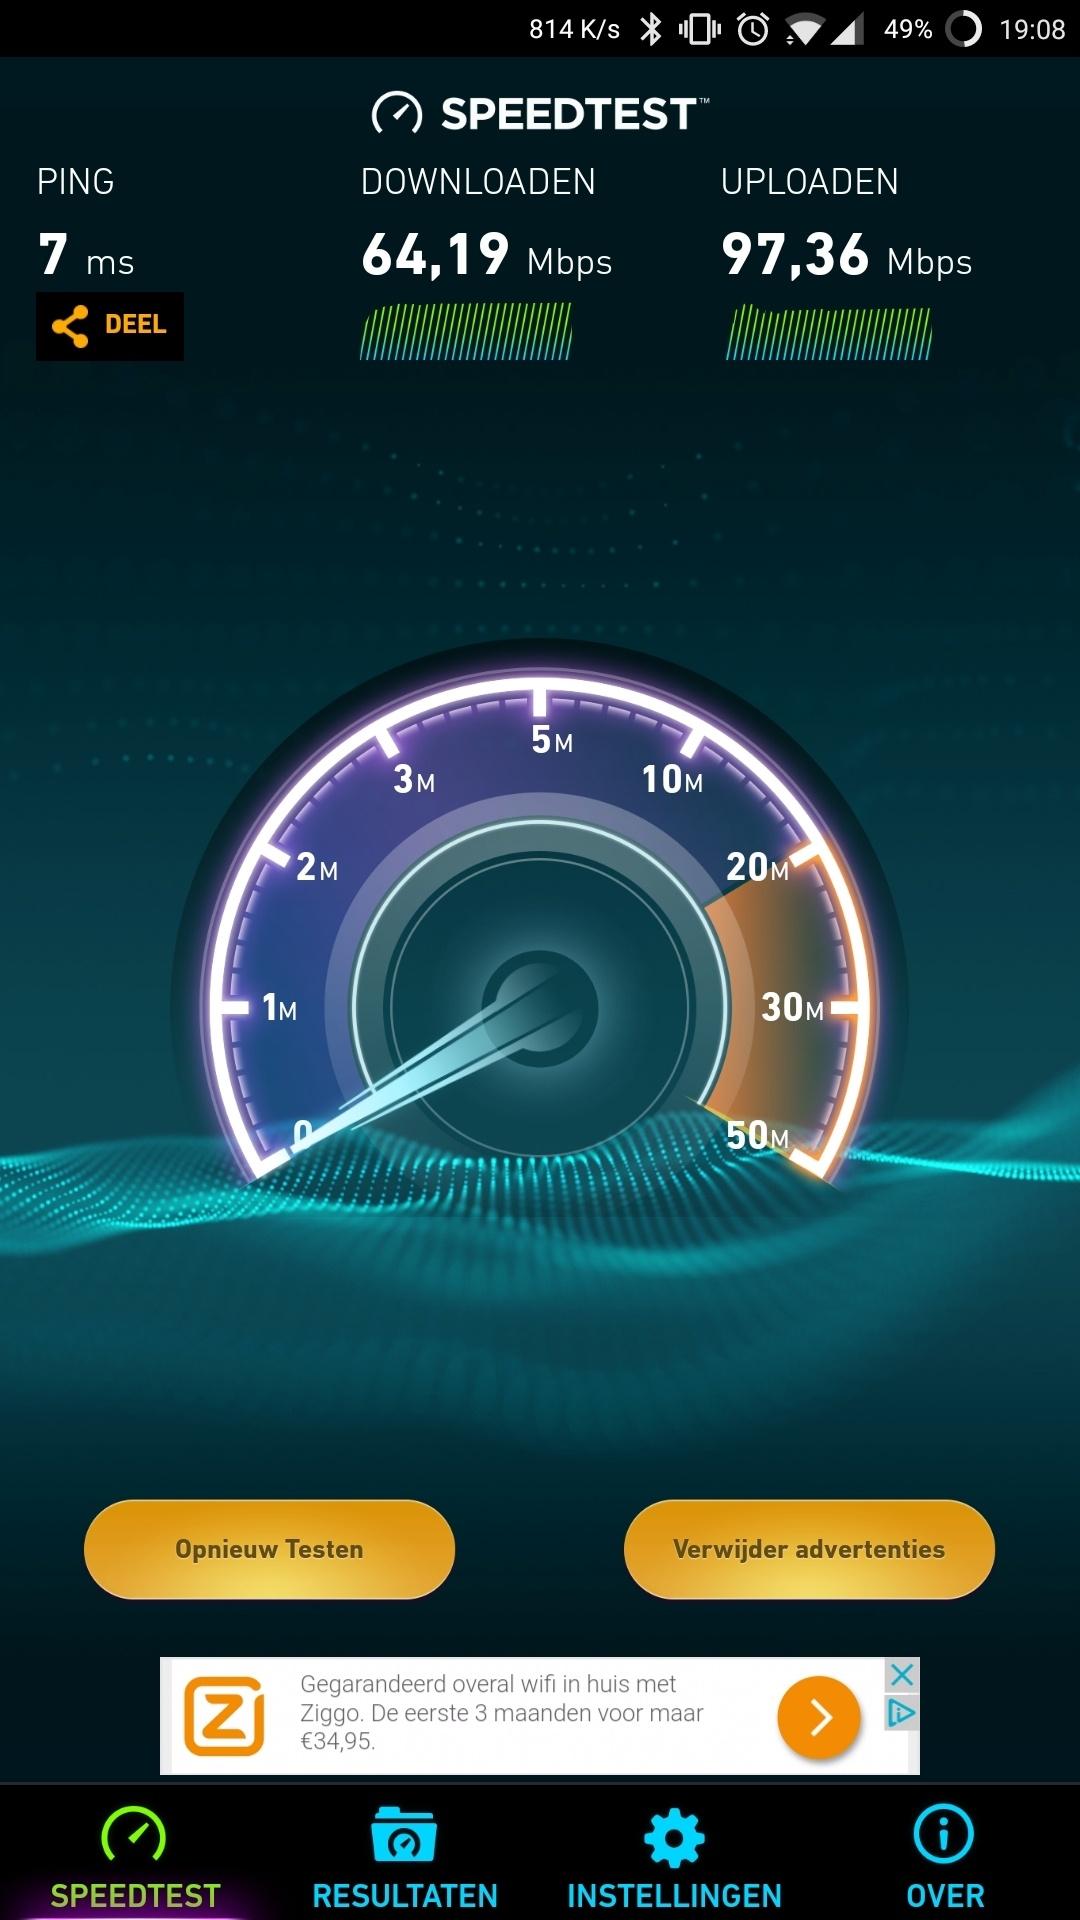 Woonkamer - Speedtest App 2G